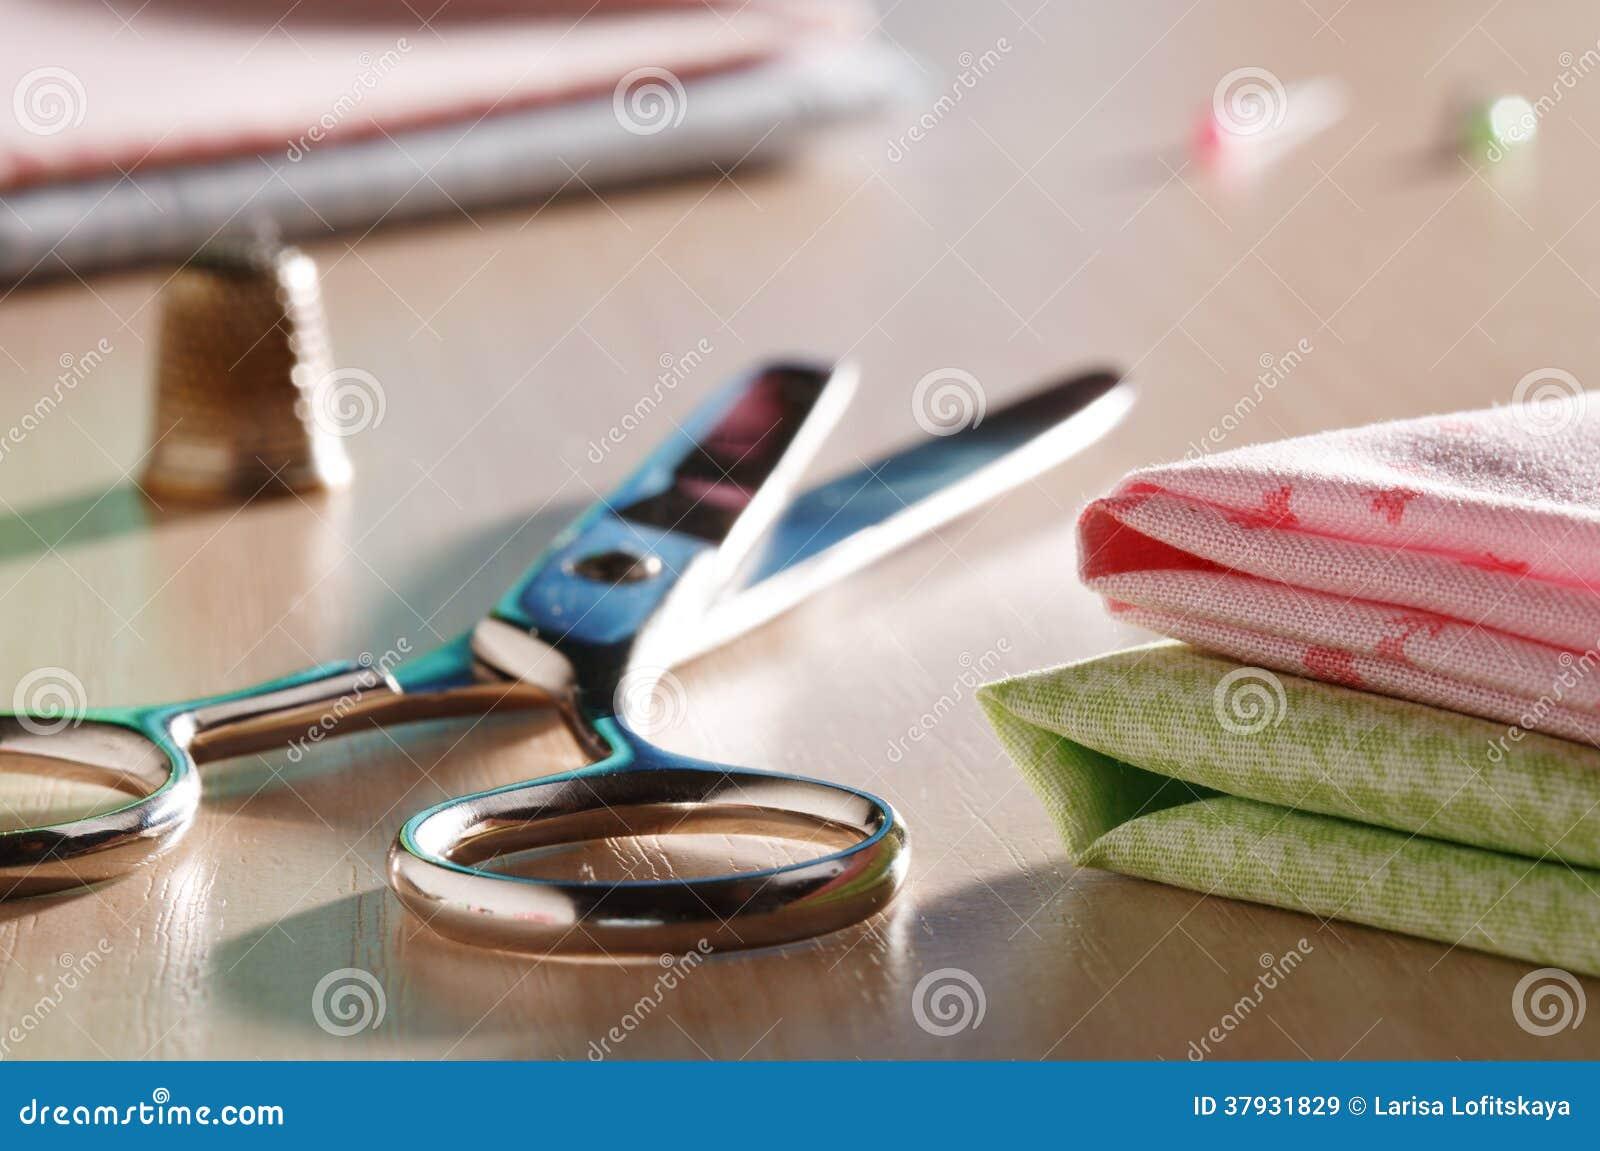 Ножницы и шить поставки